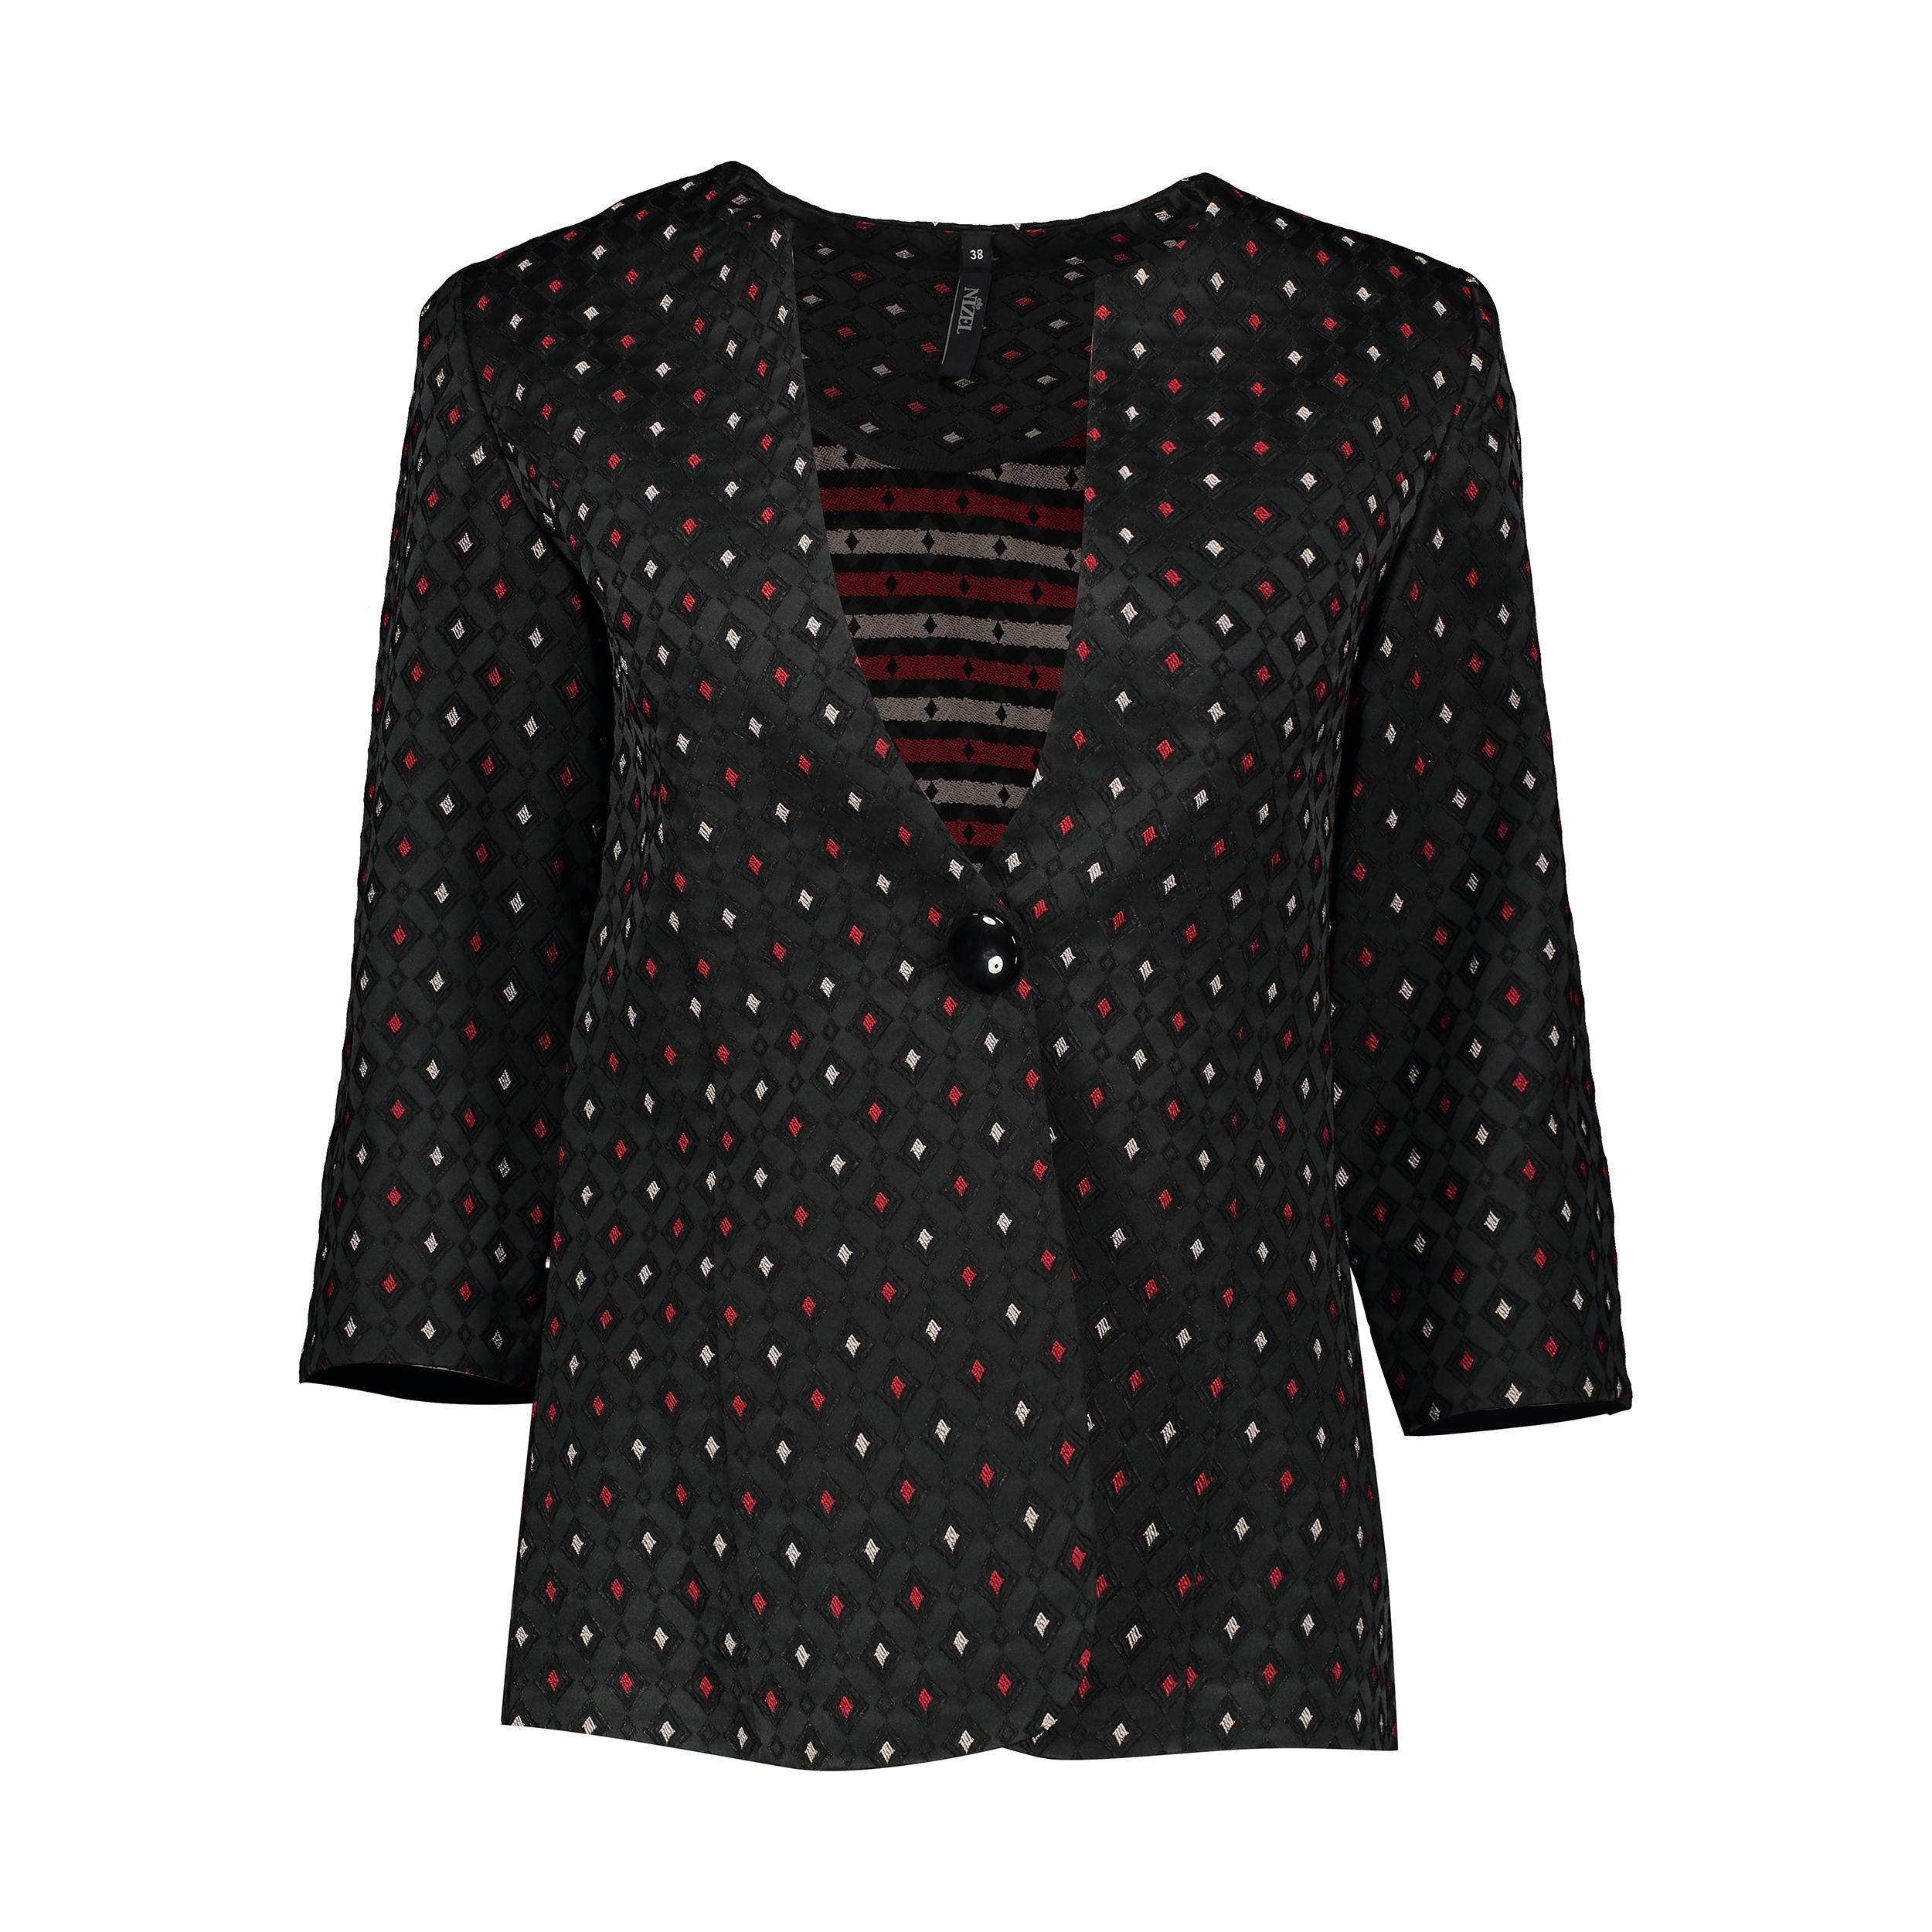 کت زنانه نیزل مدل P019016151120005-151